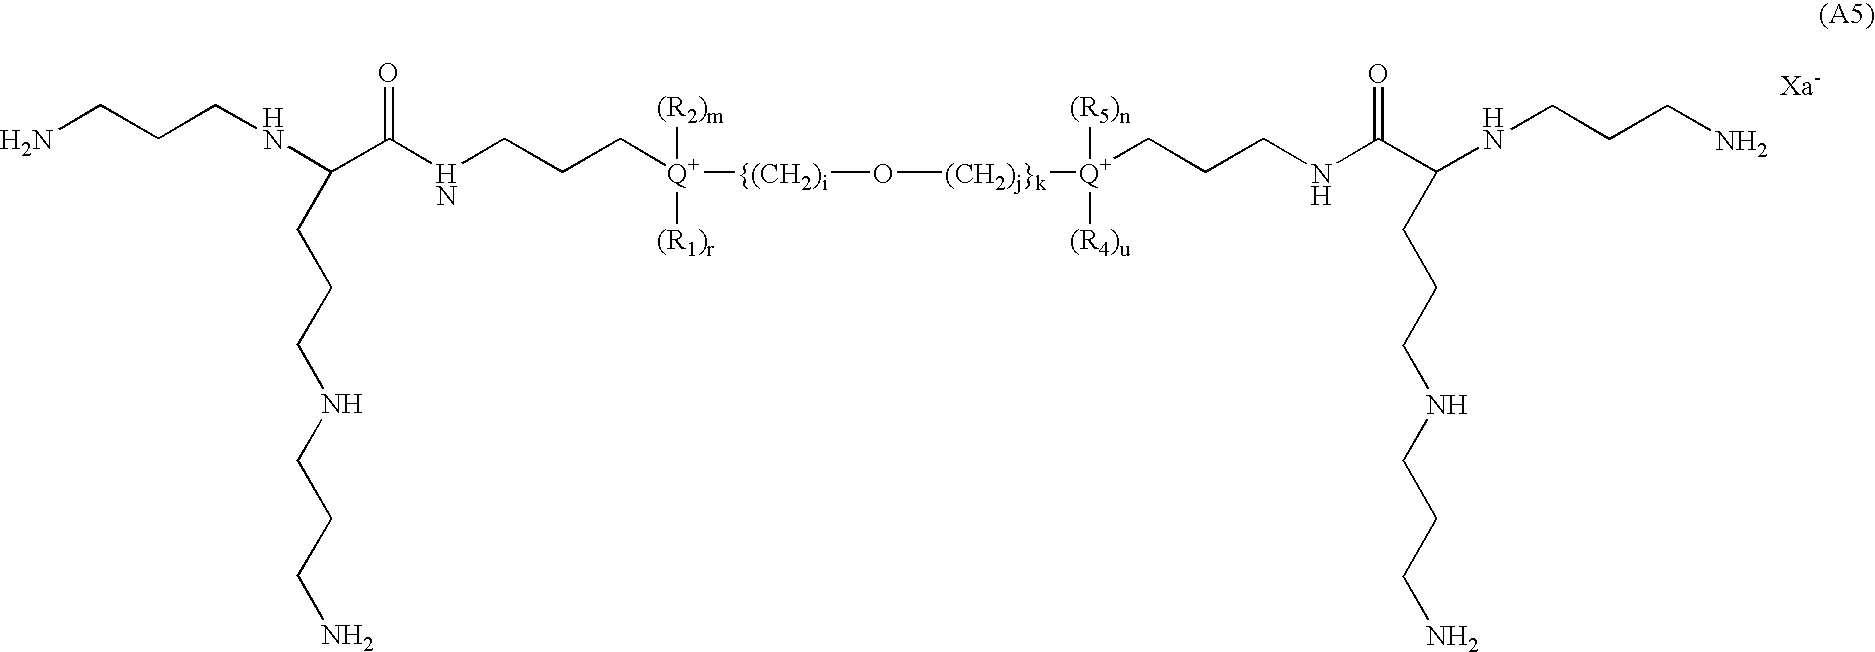 Figure US07479573-20090120-C00019